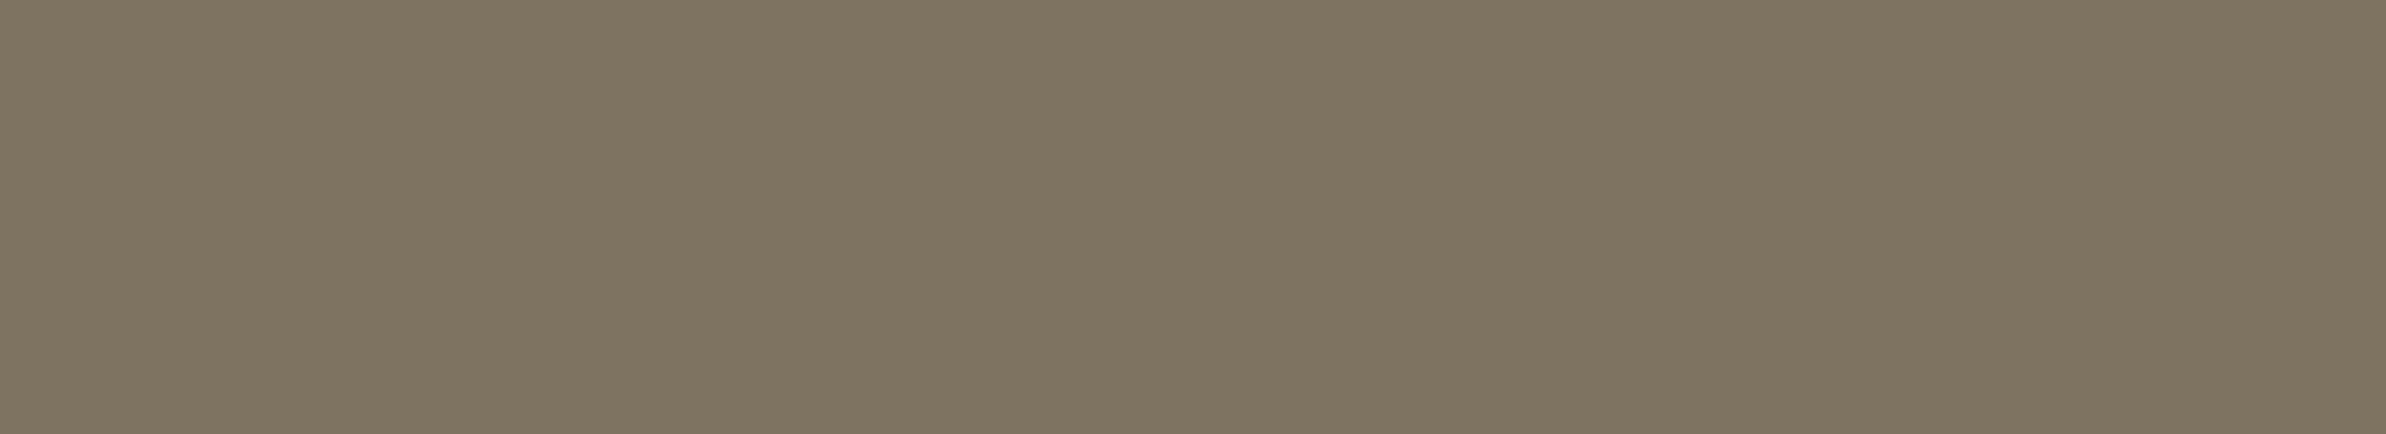 #2182 @ 5% - Grey